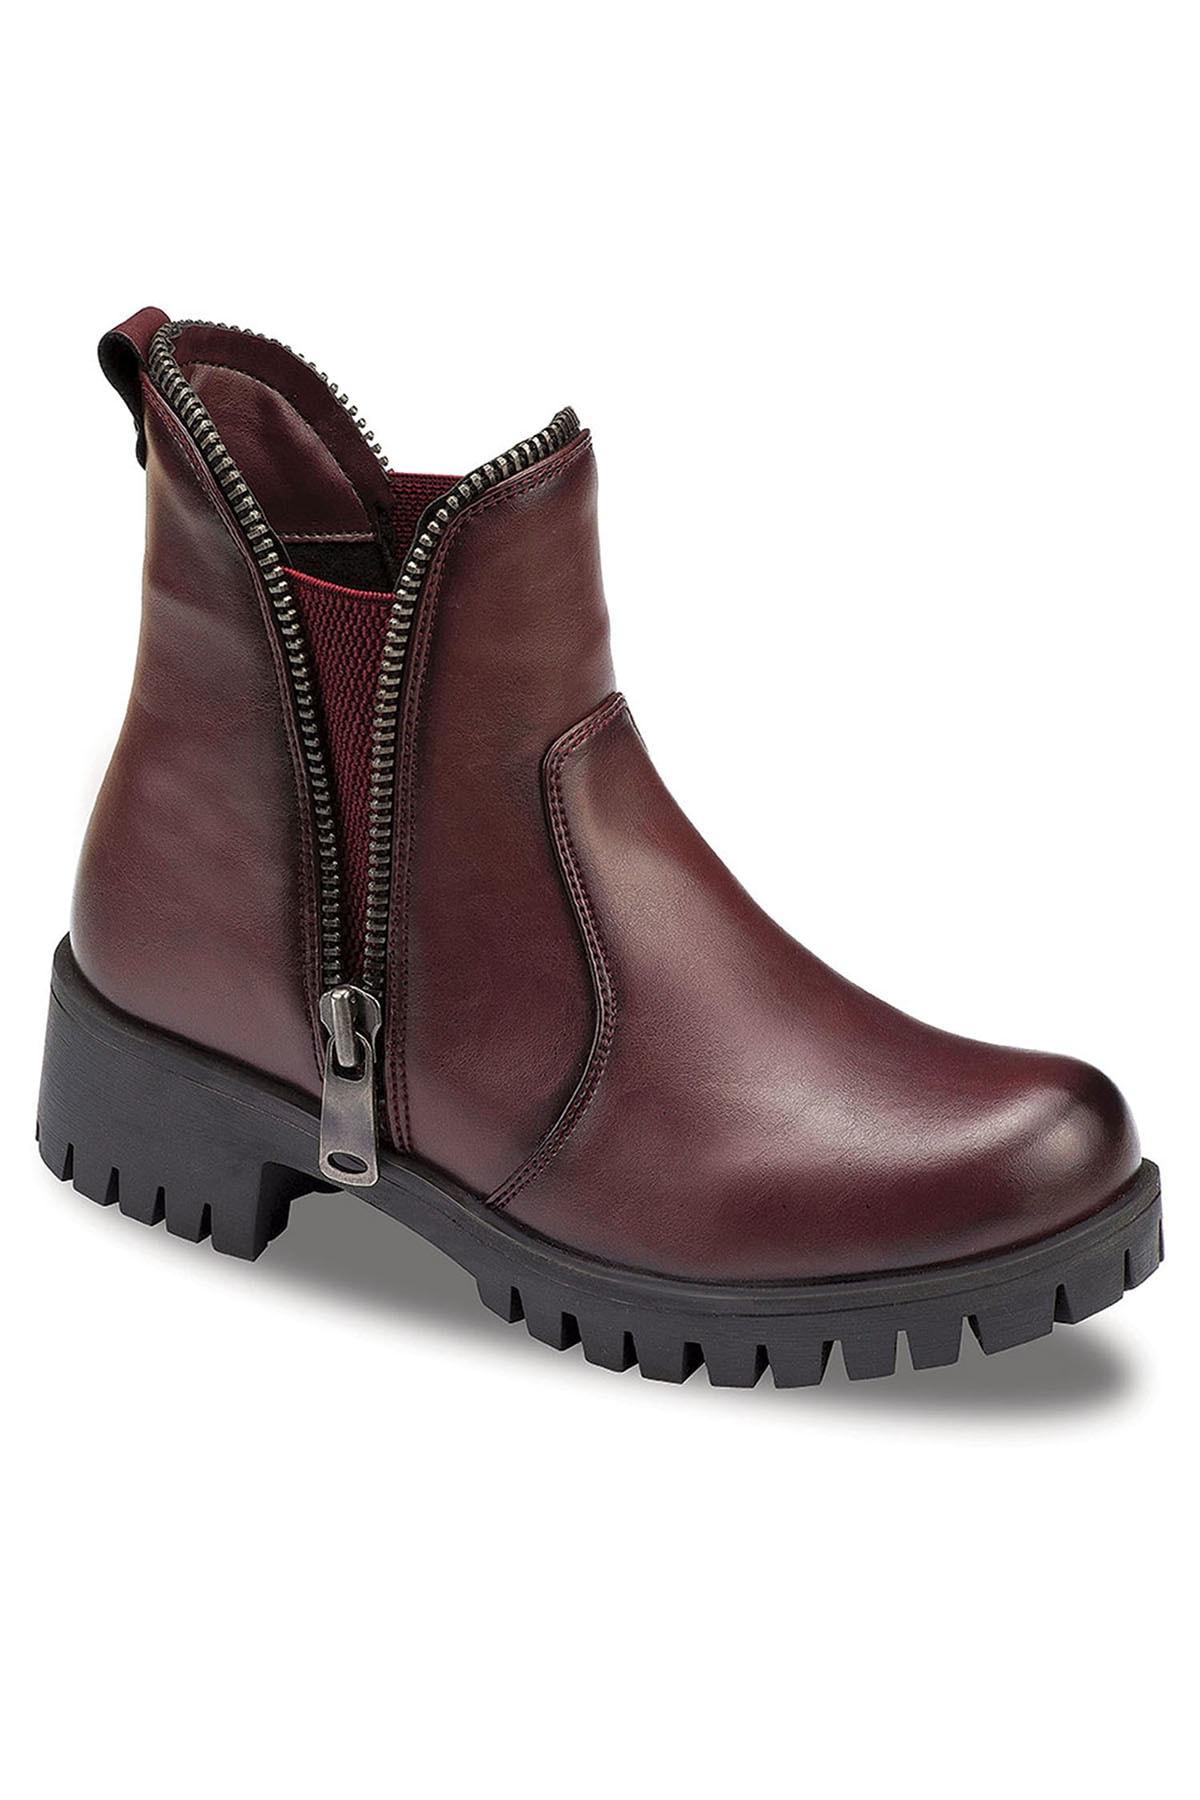 کفش کوهنوردی زنانه خاص برند Jump رنگ بنفش کد ty31682618